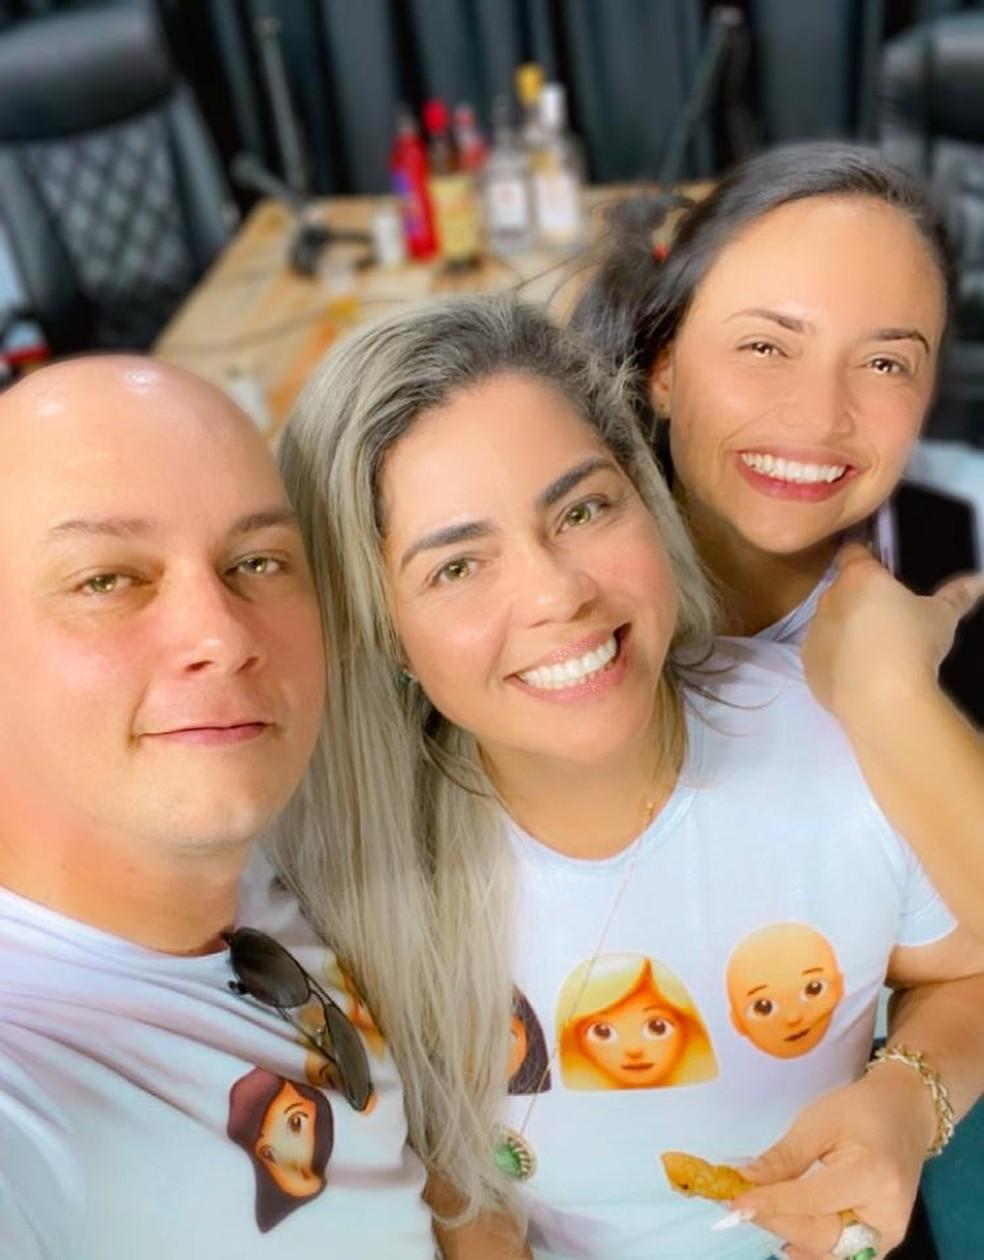 Para os três lealdade é um dos pilares da relação — Foto: Arquivo pessoal